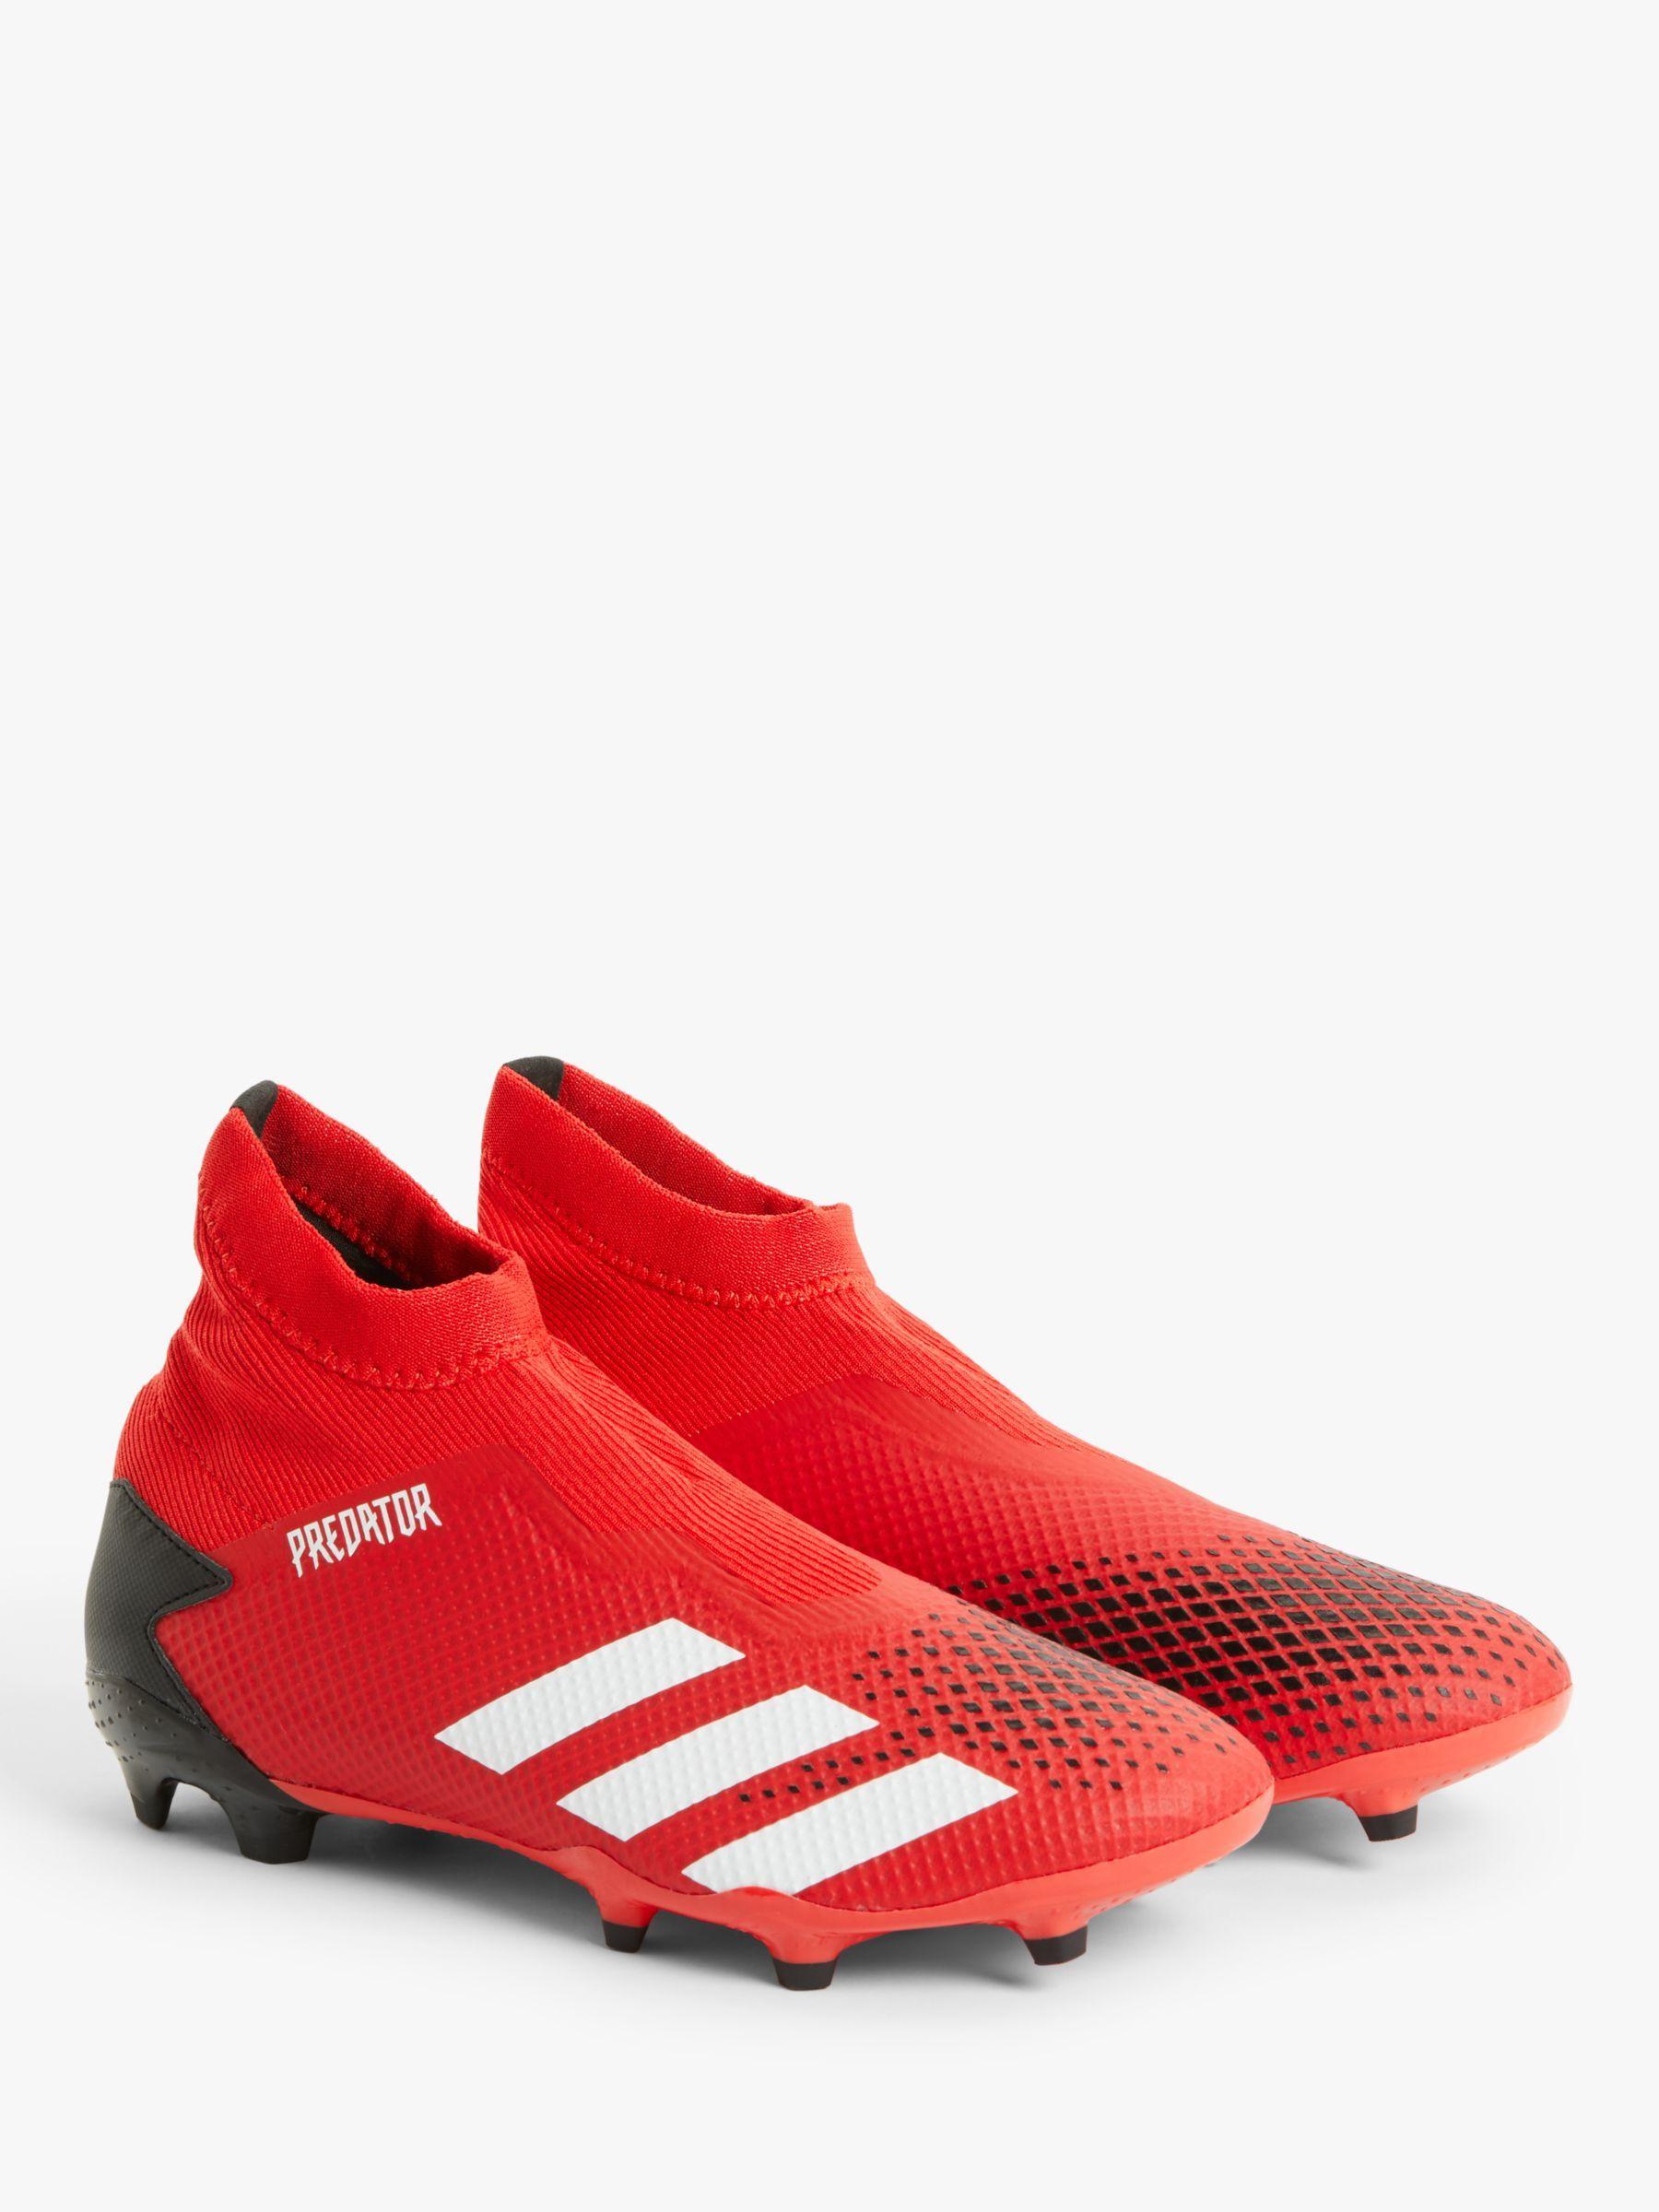 Adidas Predator 20 3 Ll Tf Turf Football Shoes Soccer Cleats Red Ee9576 In 2020 Adidas Predator Soccer Cleats Football Shoes